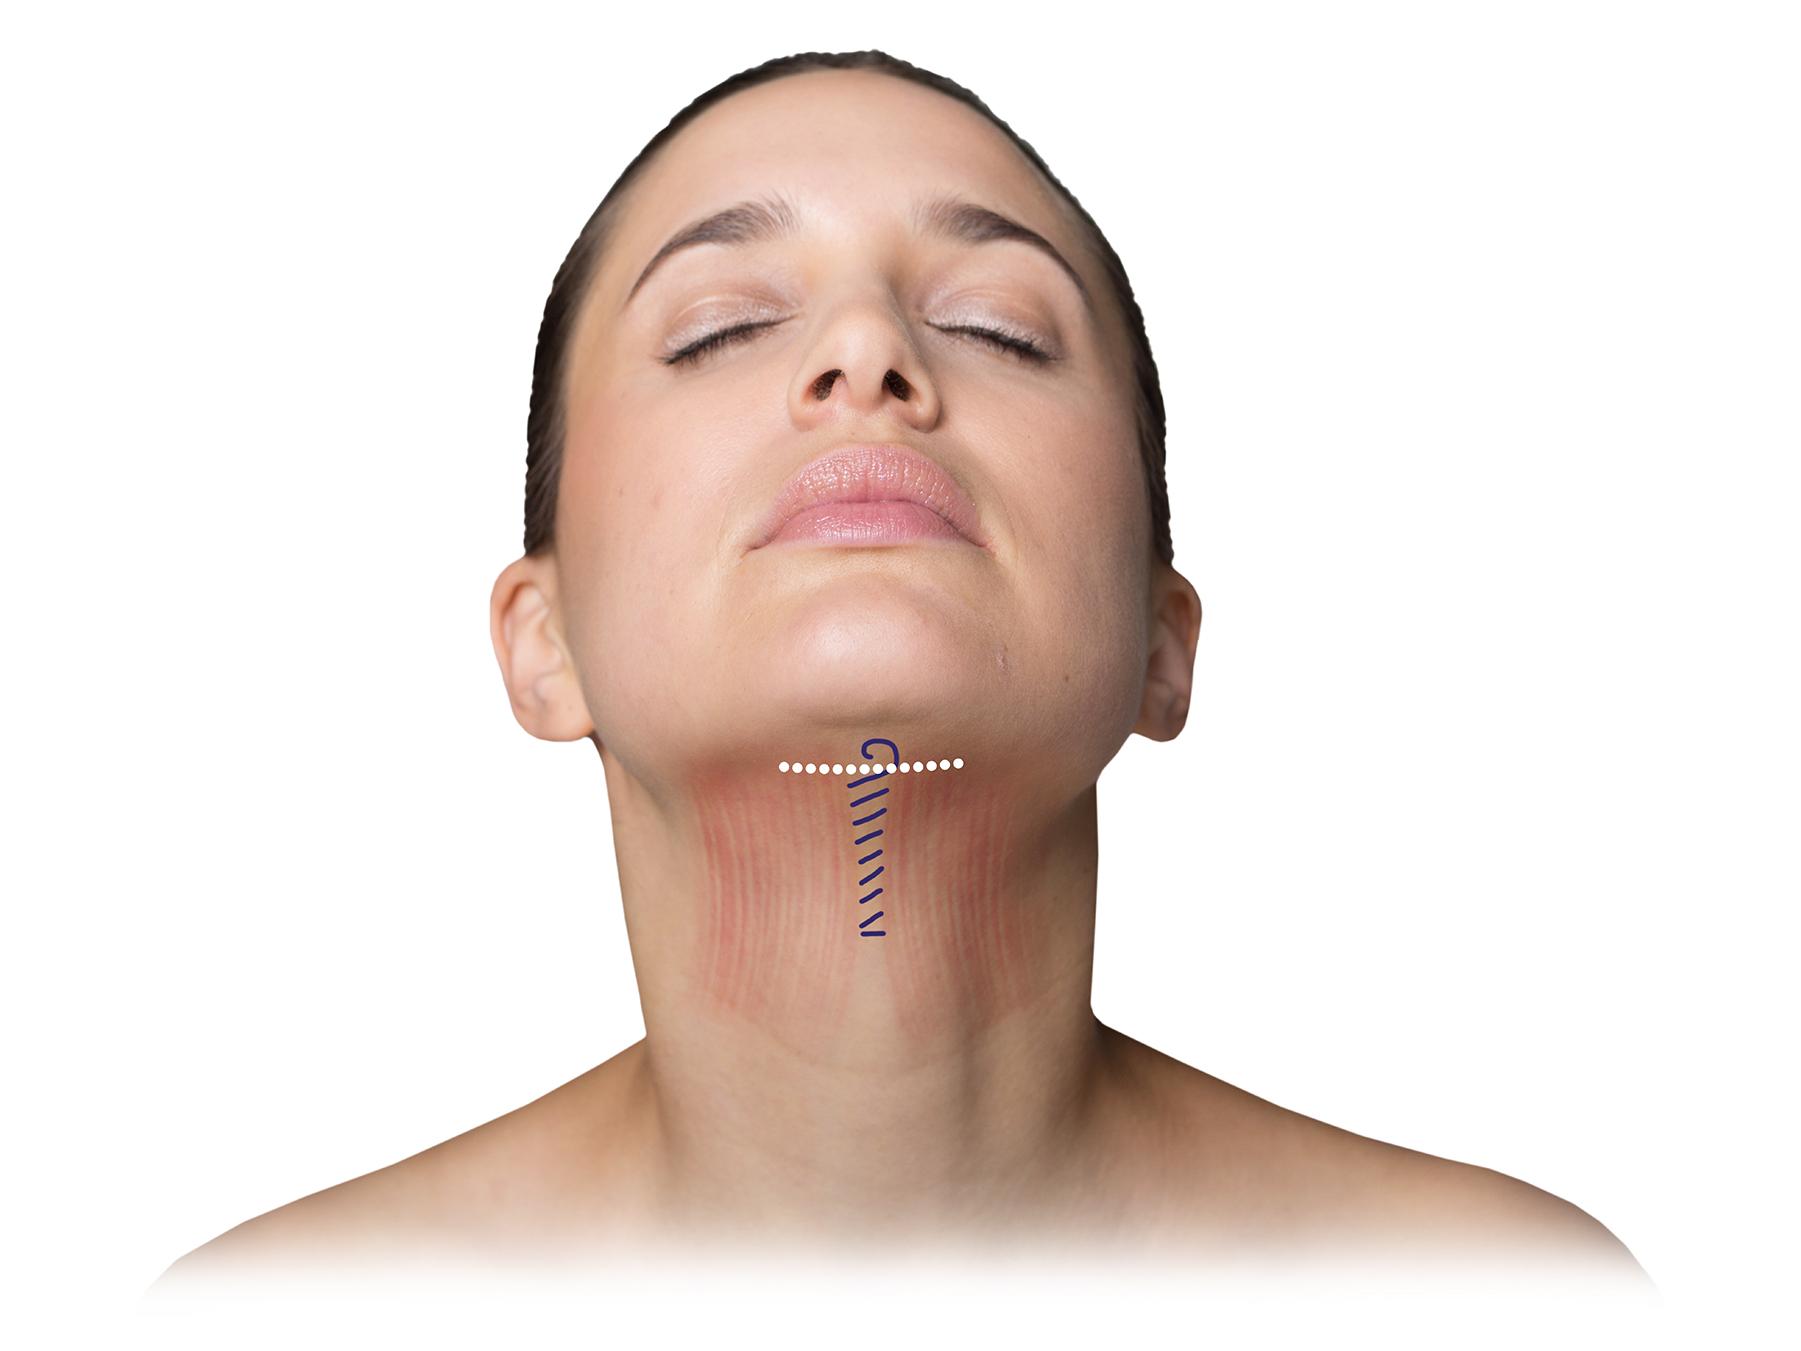 Facelift: Eingezeichnete Strukturen zeigen die Möglichkeit, das Gesicht zu erfrischen.